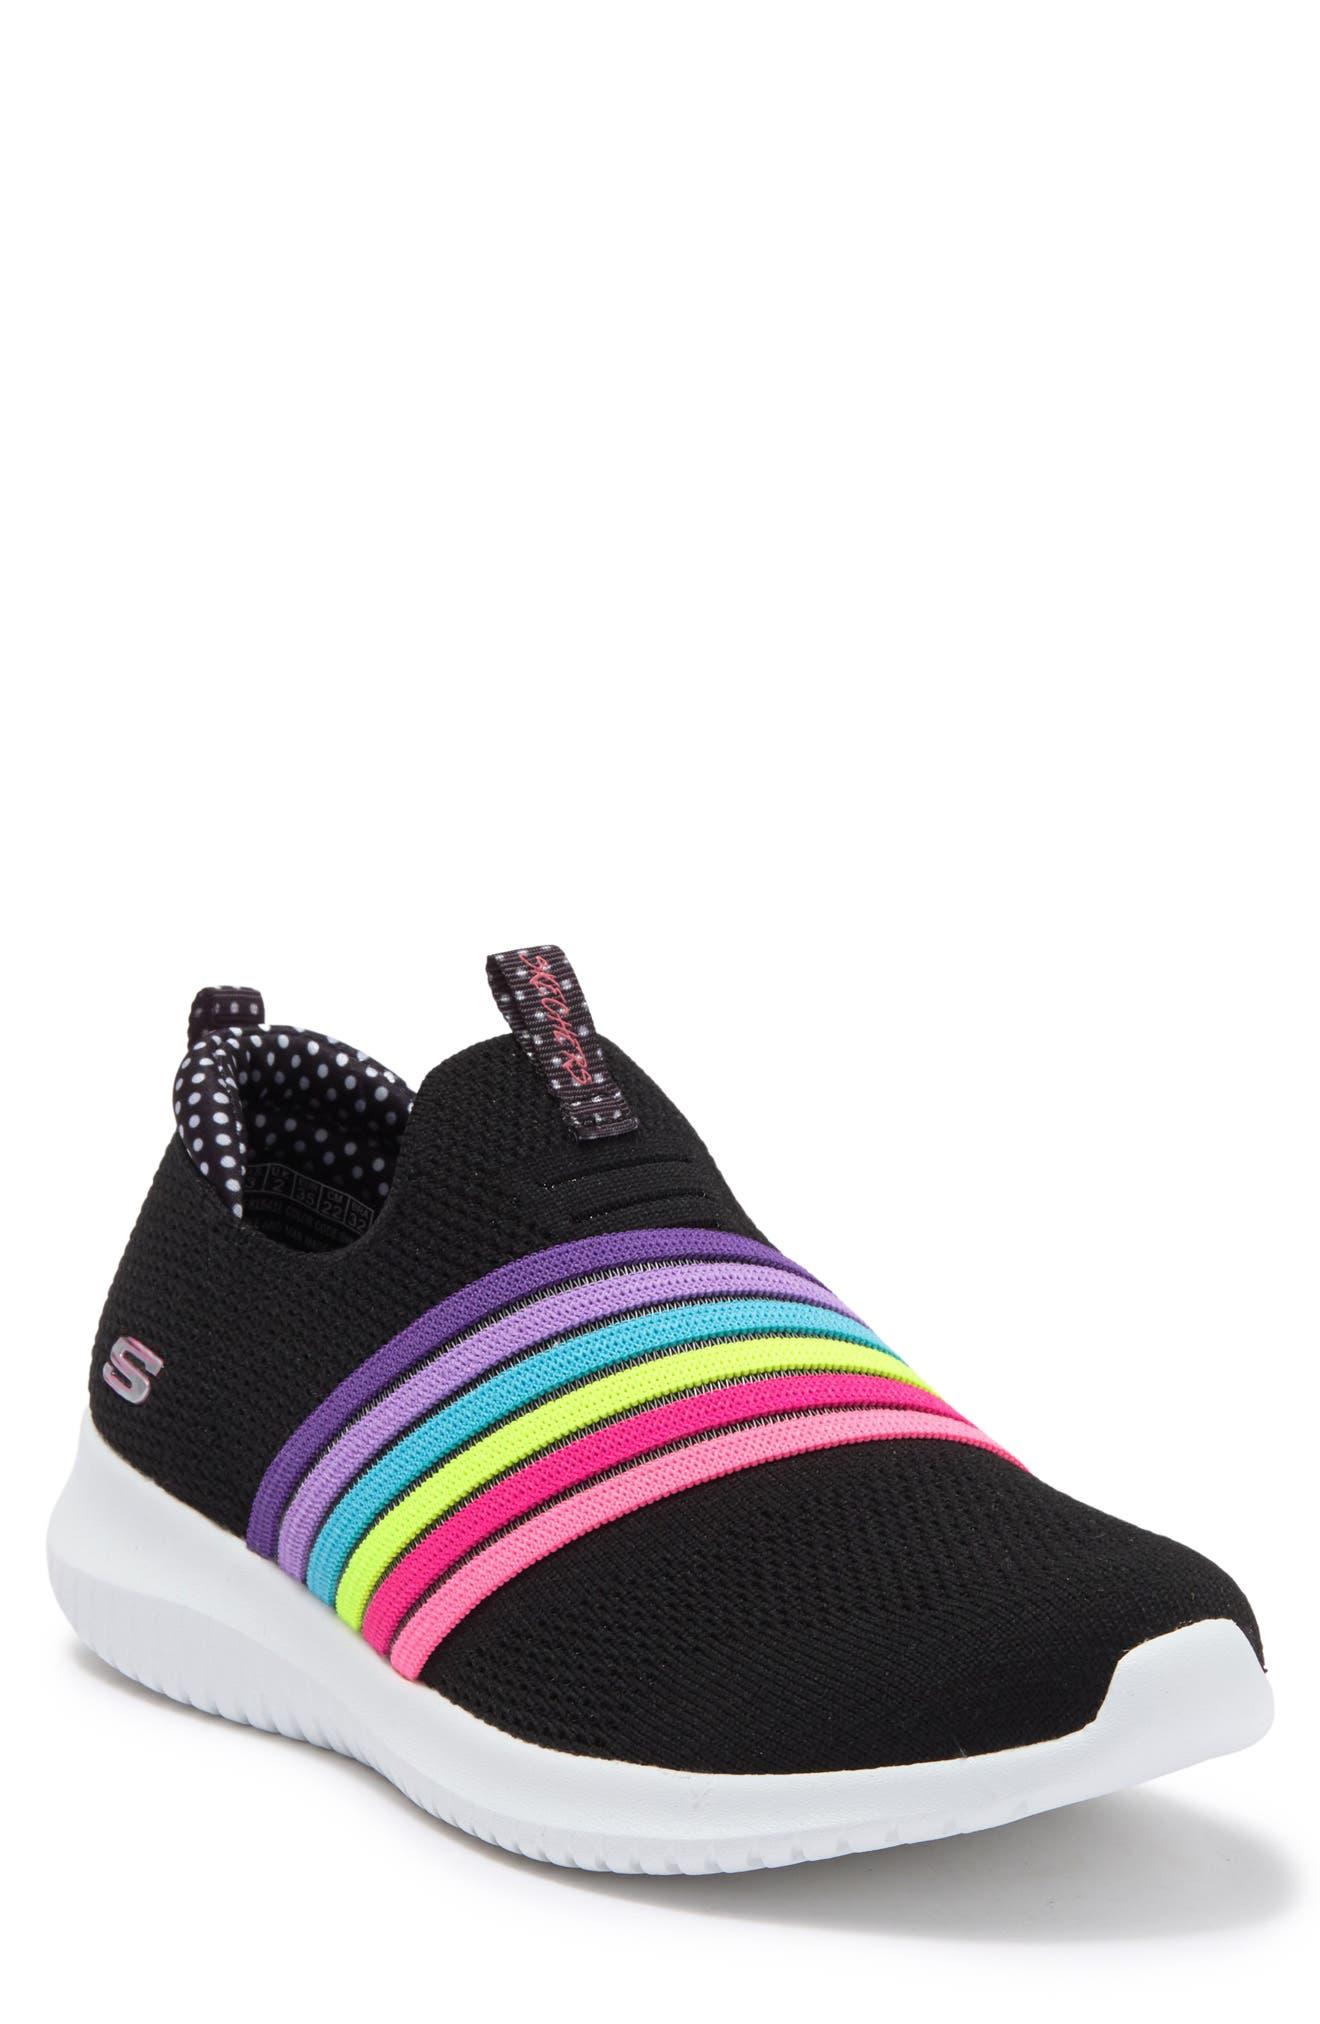 Image of Skechers Ultra Flex Sneaker